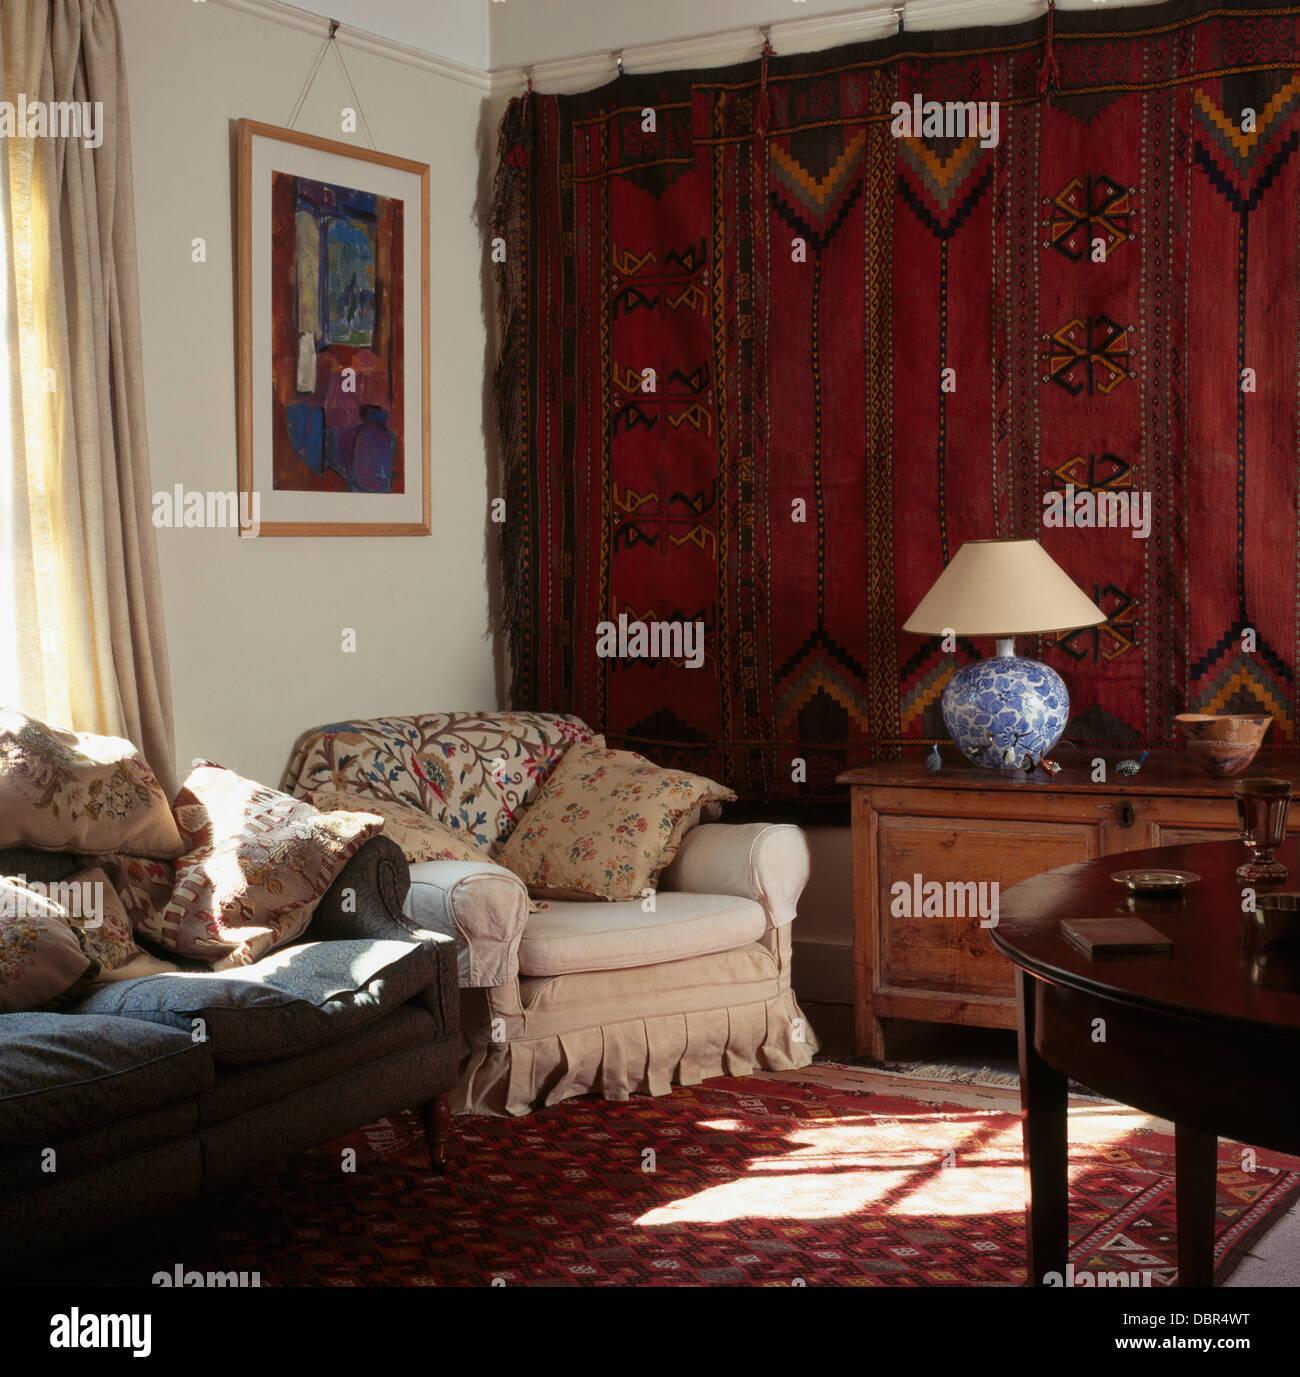 Alte Rote Perserteppich Hngt An Der Wand Im Wohnzimmer Stadthaus Mit Cremefarbenen Sessel Und Grauen Sofa